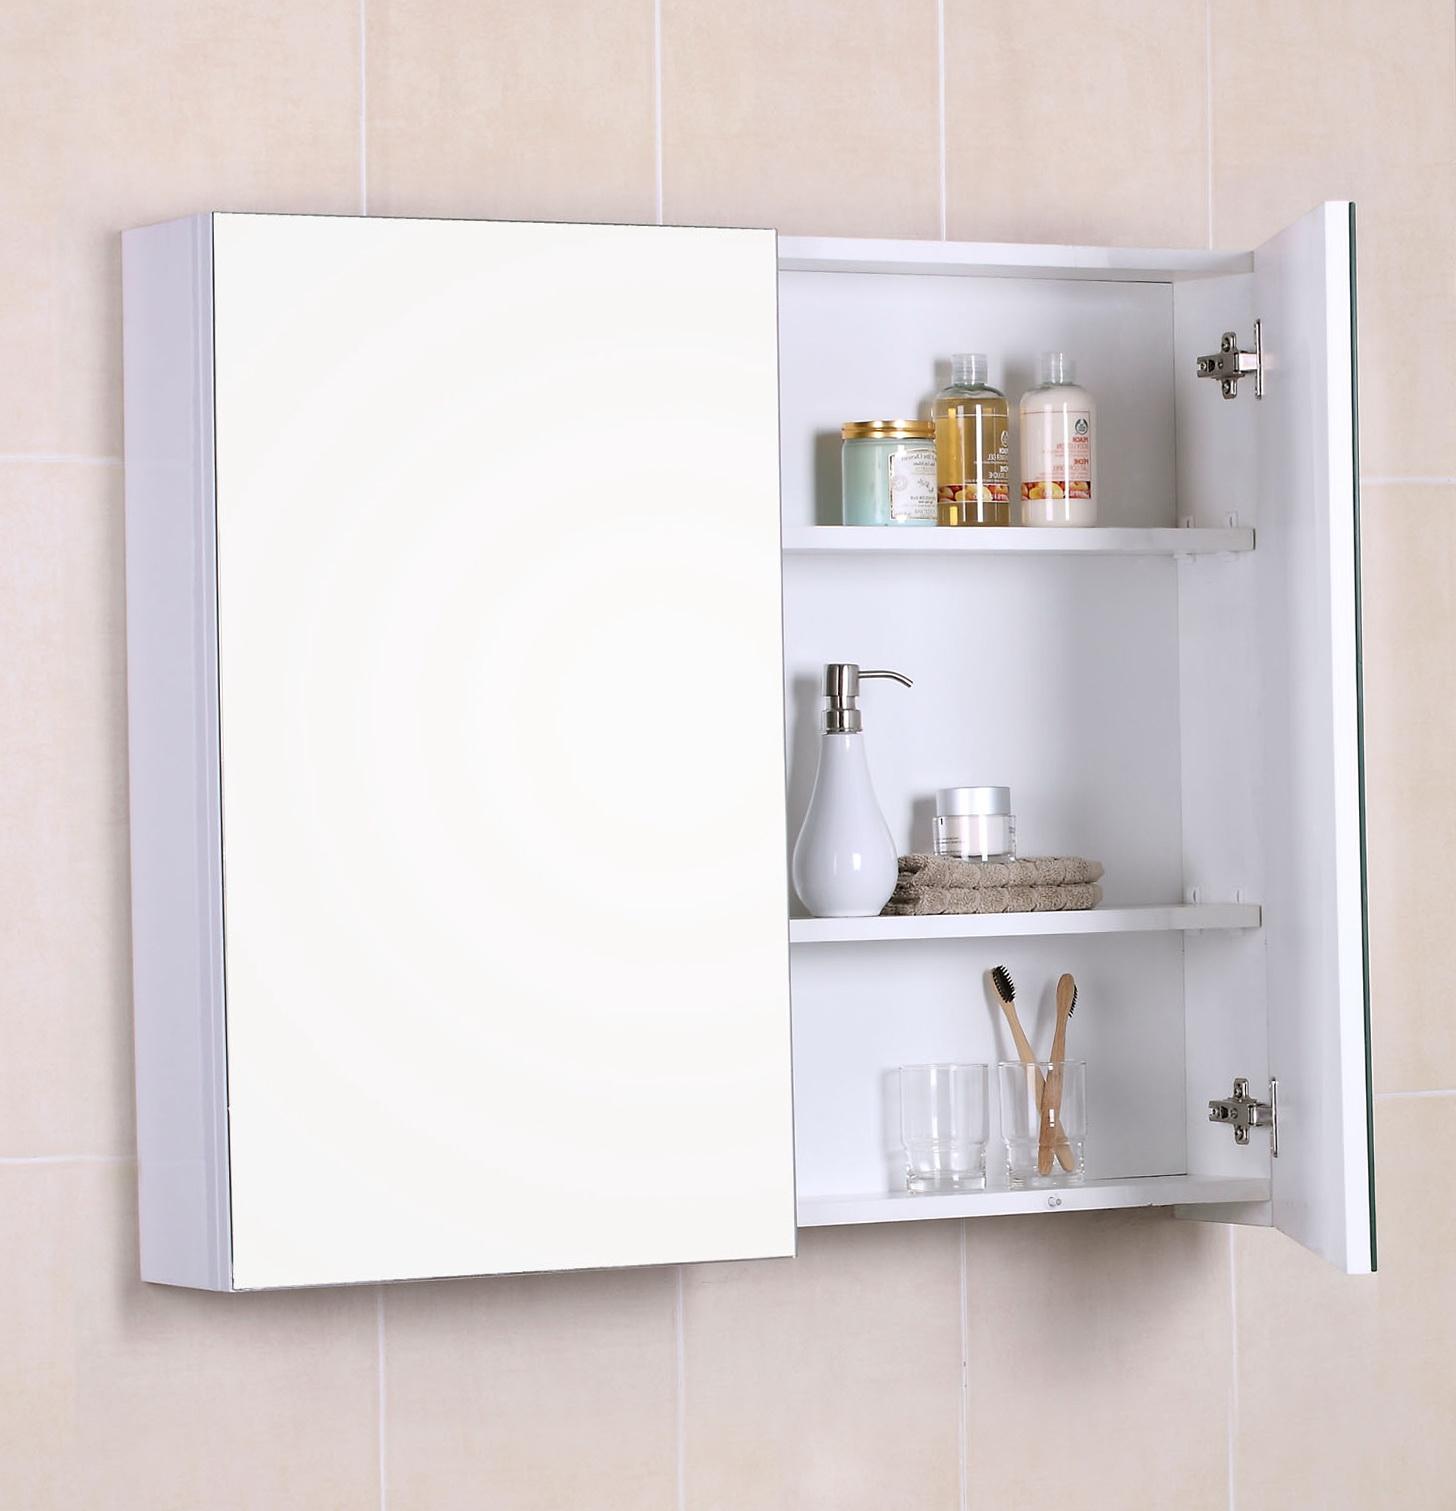 Bathroom Medicine Cabinet Storage Ideas